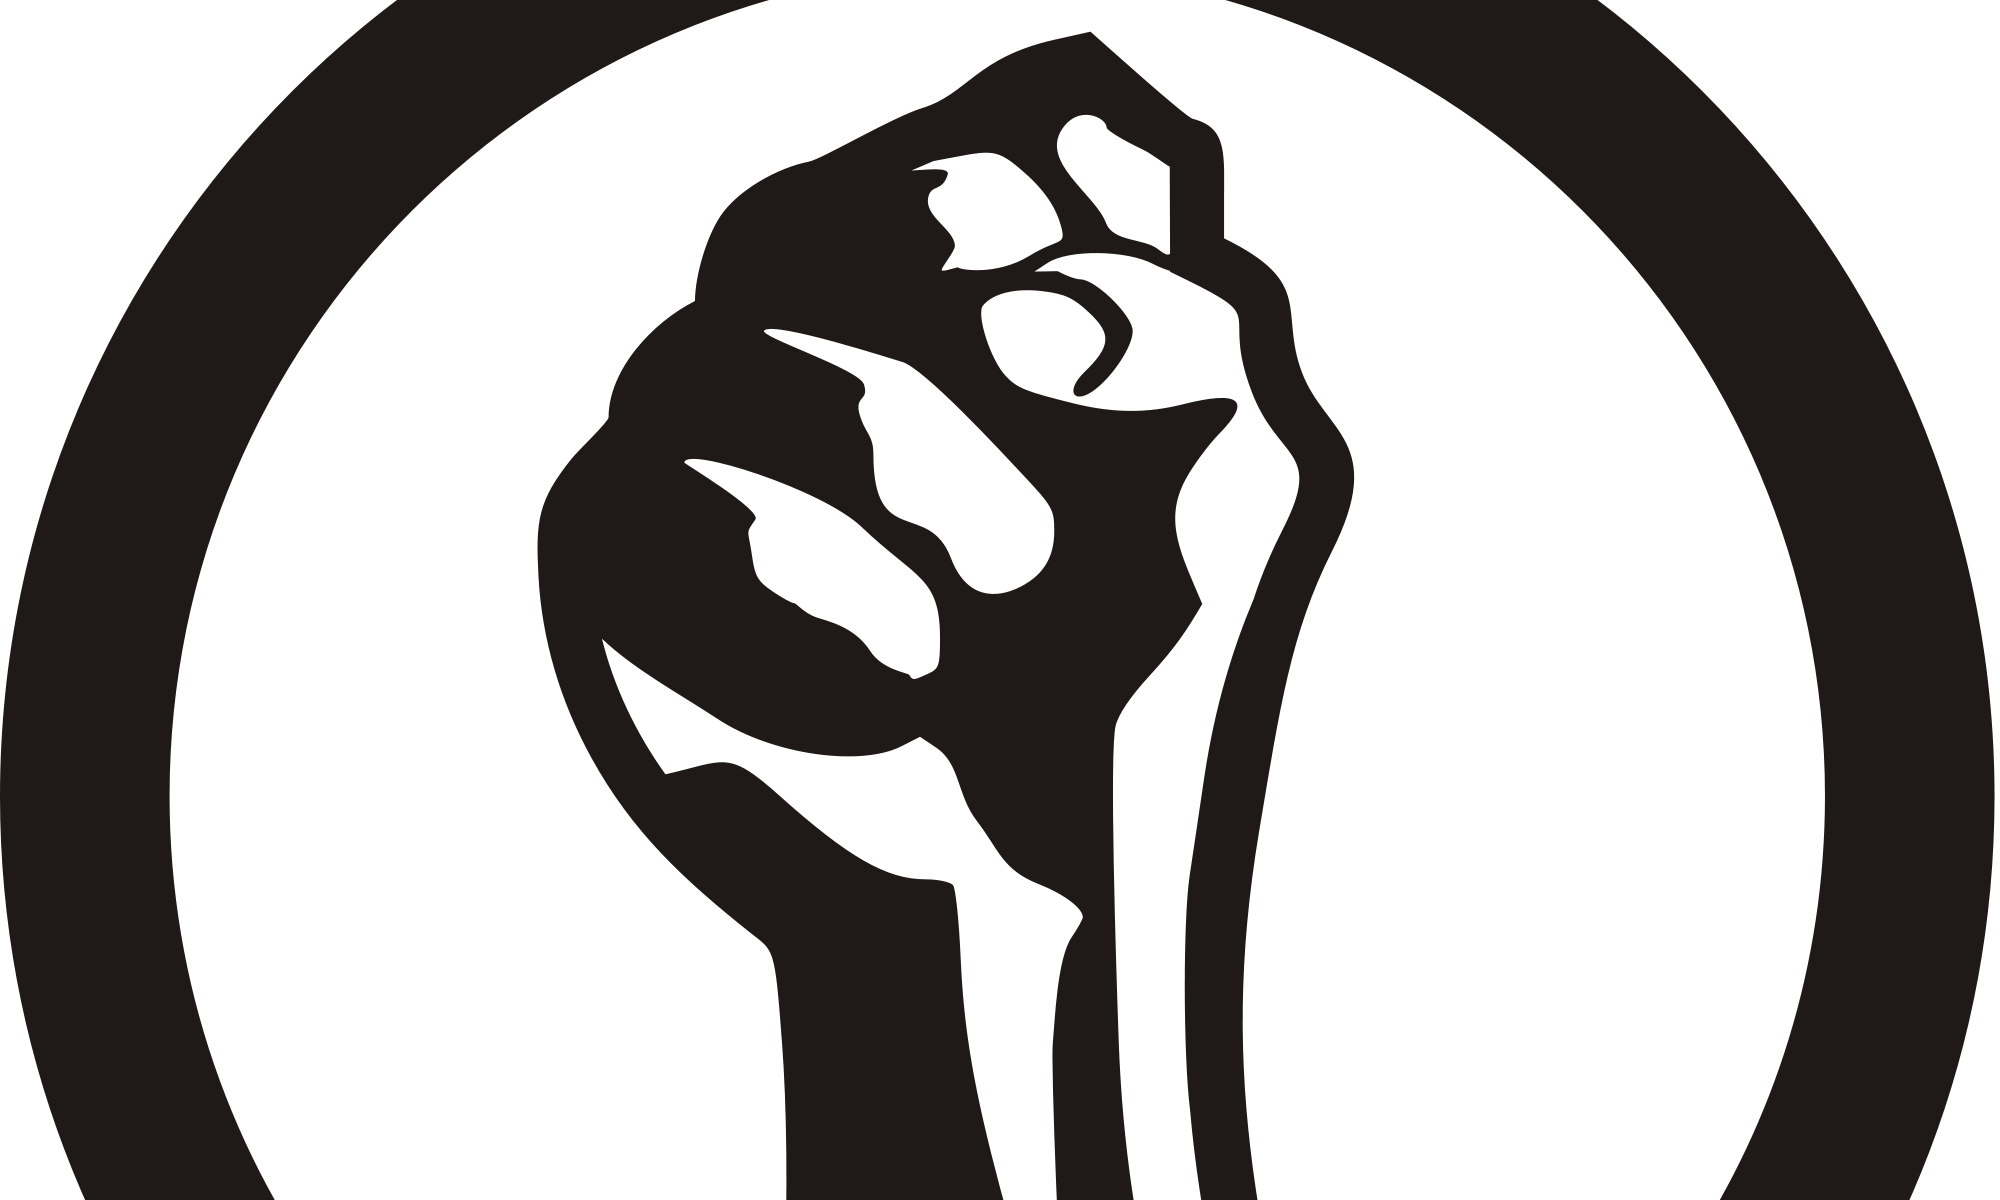 Exploring feminism evangeline zarpas. Fist clipart feminist